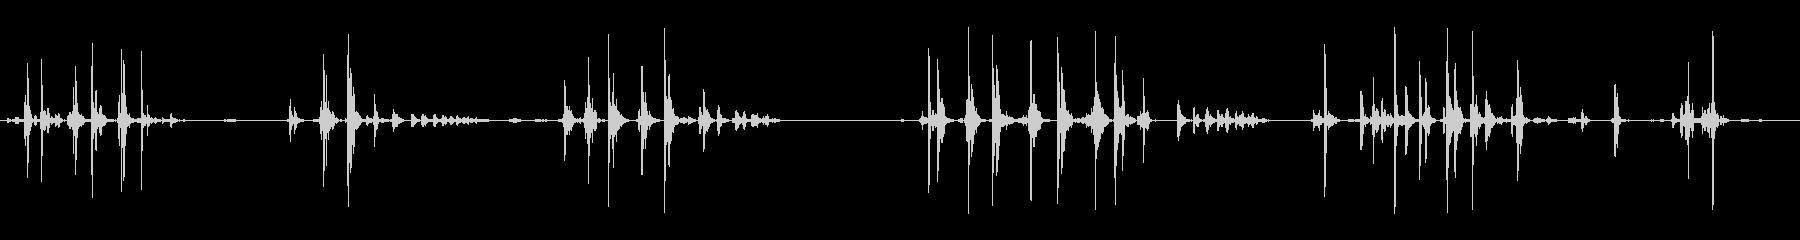 ボルダーのヘビーロックロッキングバ...の未再生の波形